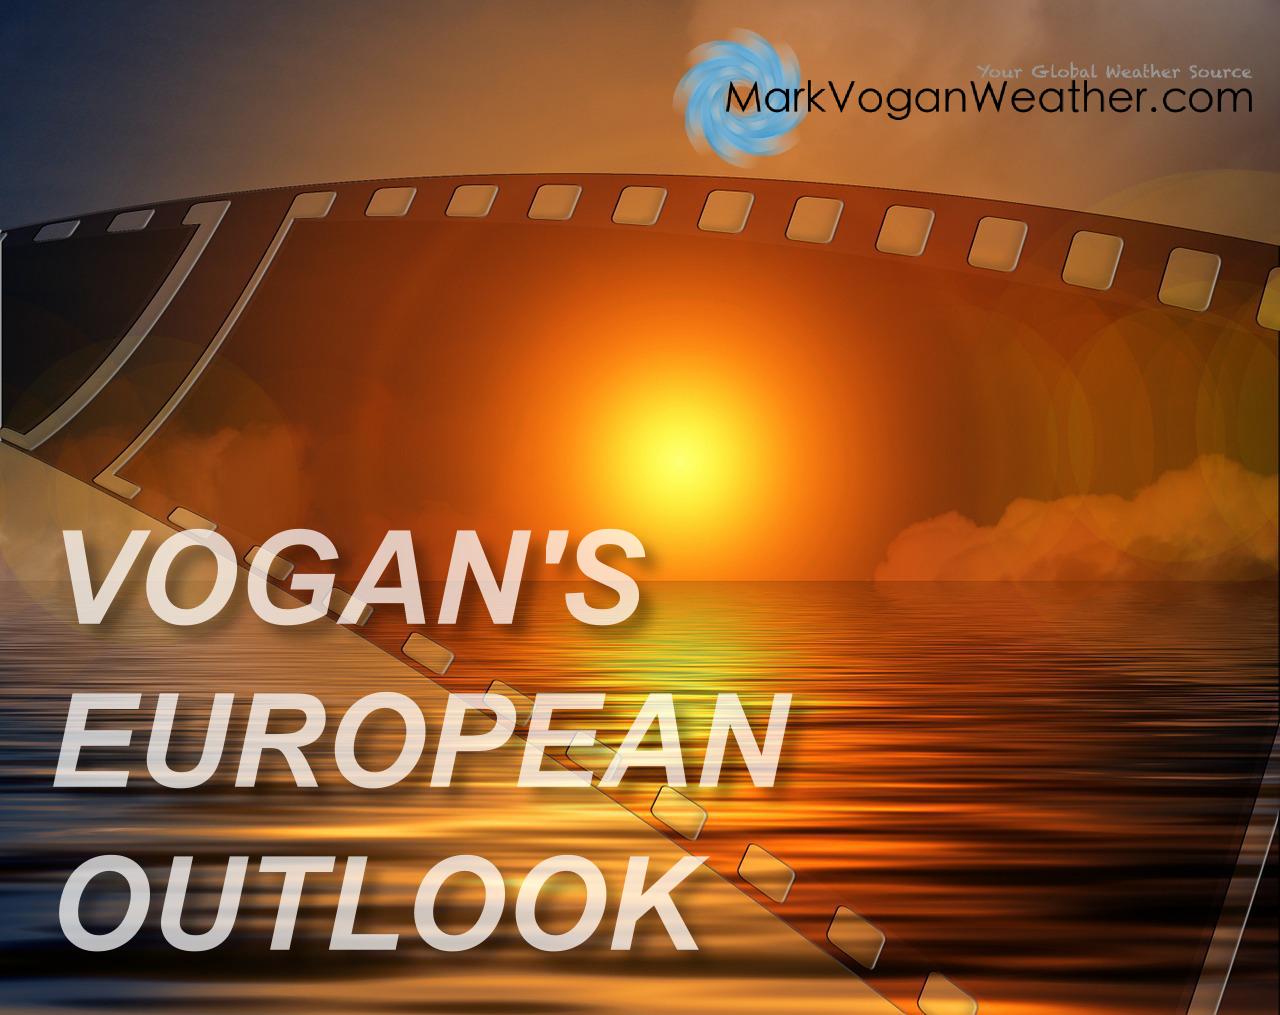 FRI 17 OCT: VOGAN'S EUROPEAN OUTLOOK